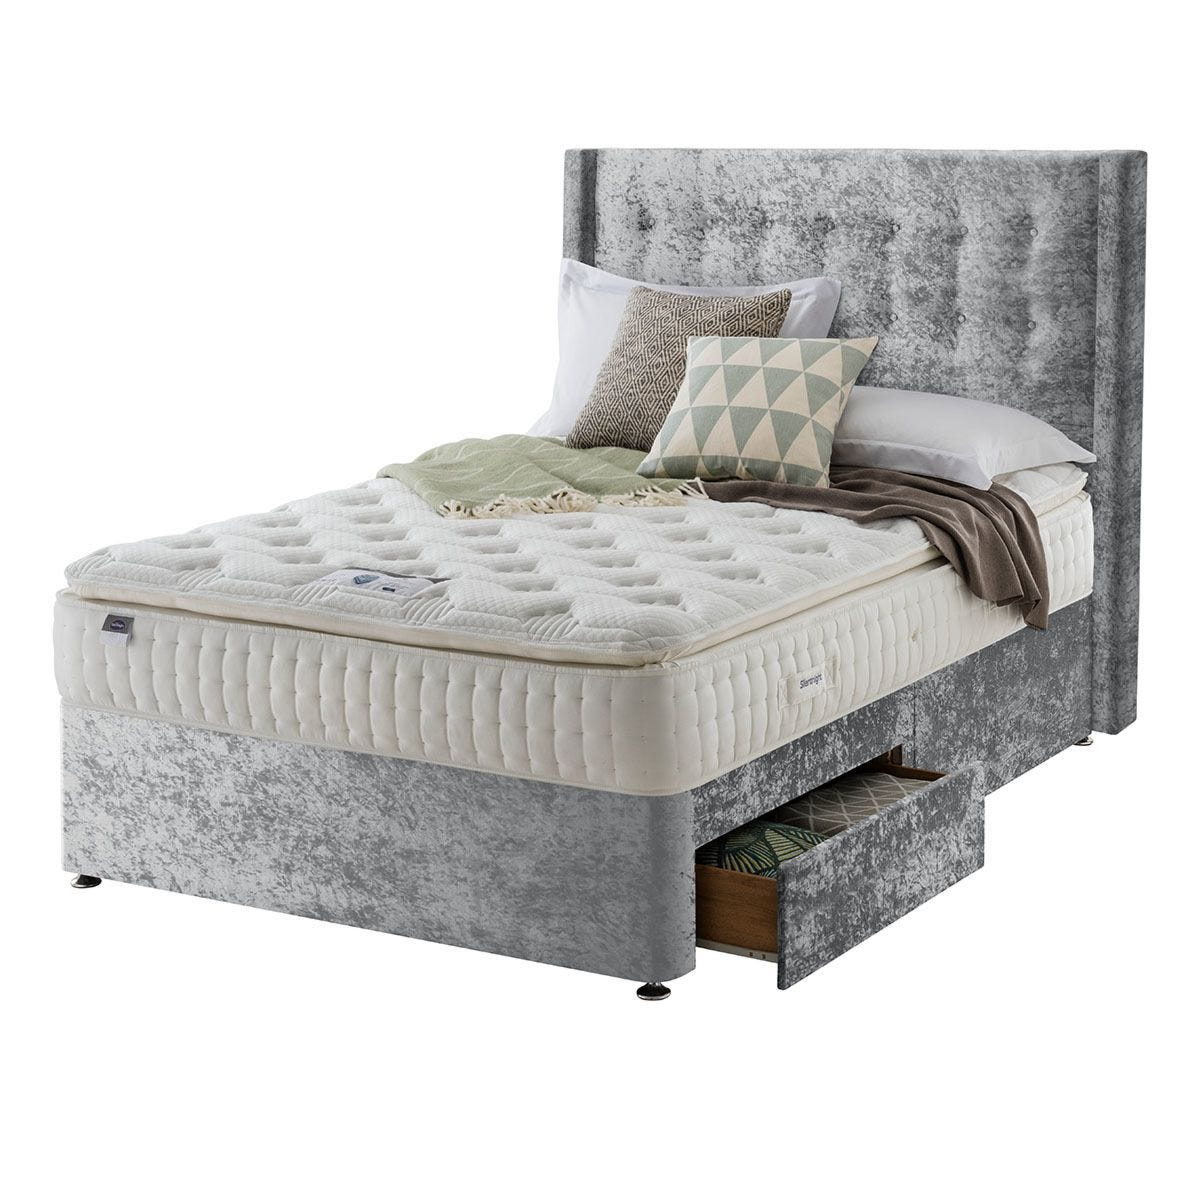 Silentnight Mirapocket Latex 1000 2-Drawer Divan Bed - Crushed Velvet Light Grey King